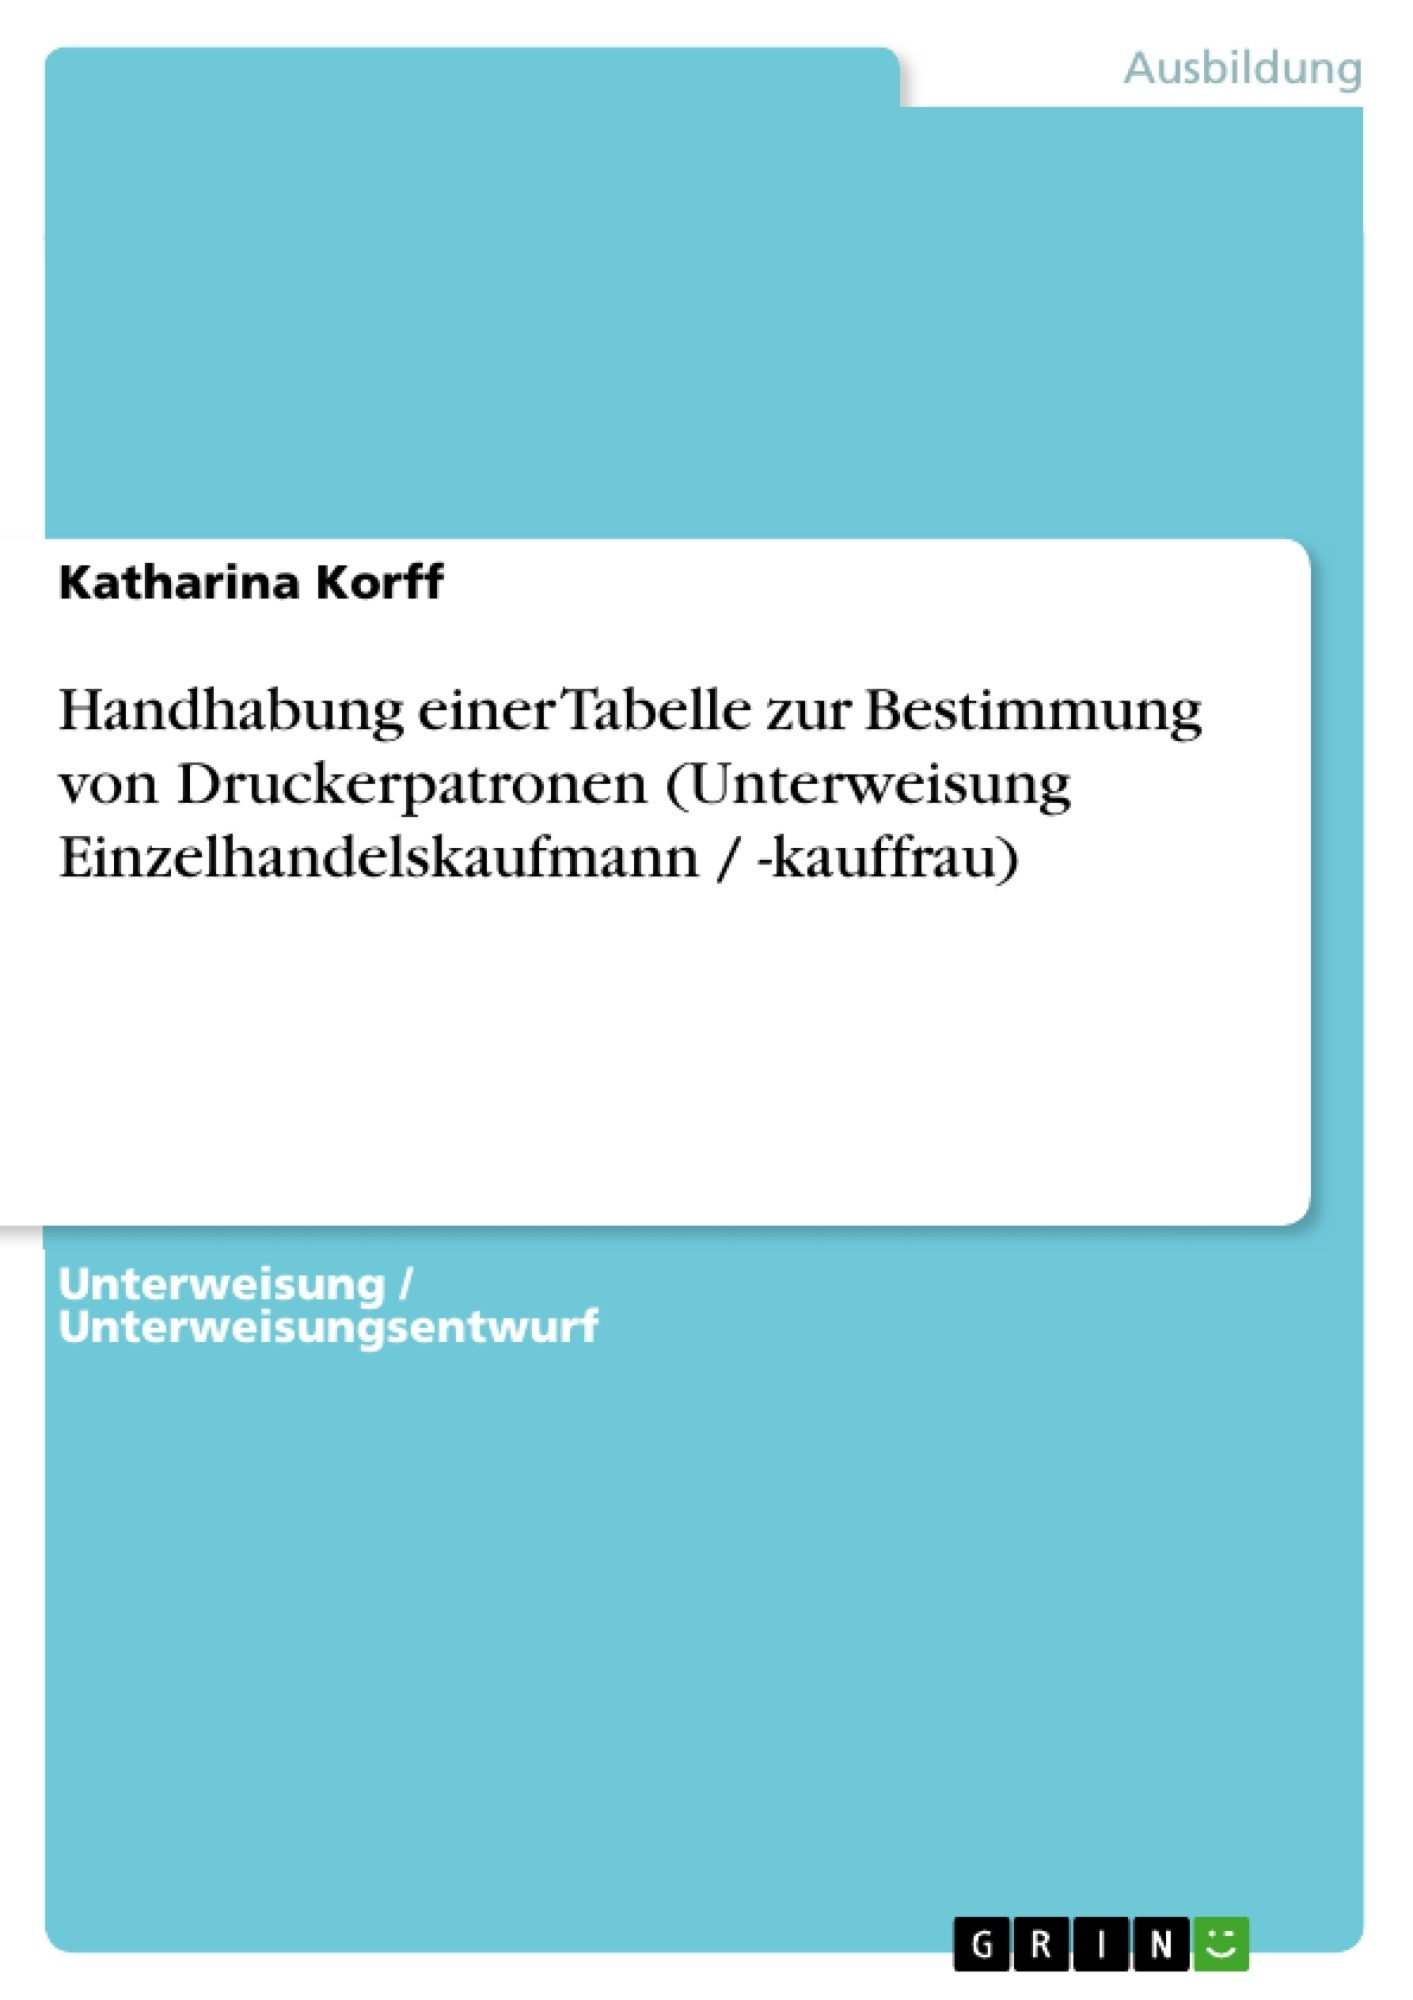 Titel: Handhabung einer Tabelle zur Bestimmung von Druckerpatronen (Unterweisung Einzelhandelskaufmann / -kauffrau)